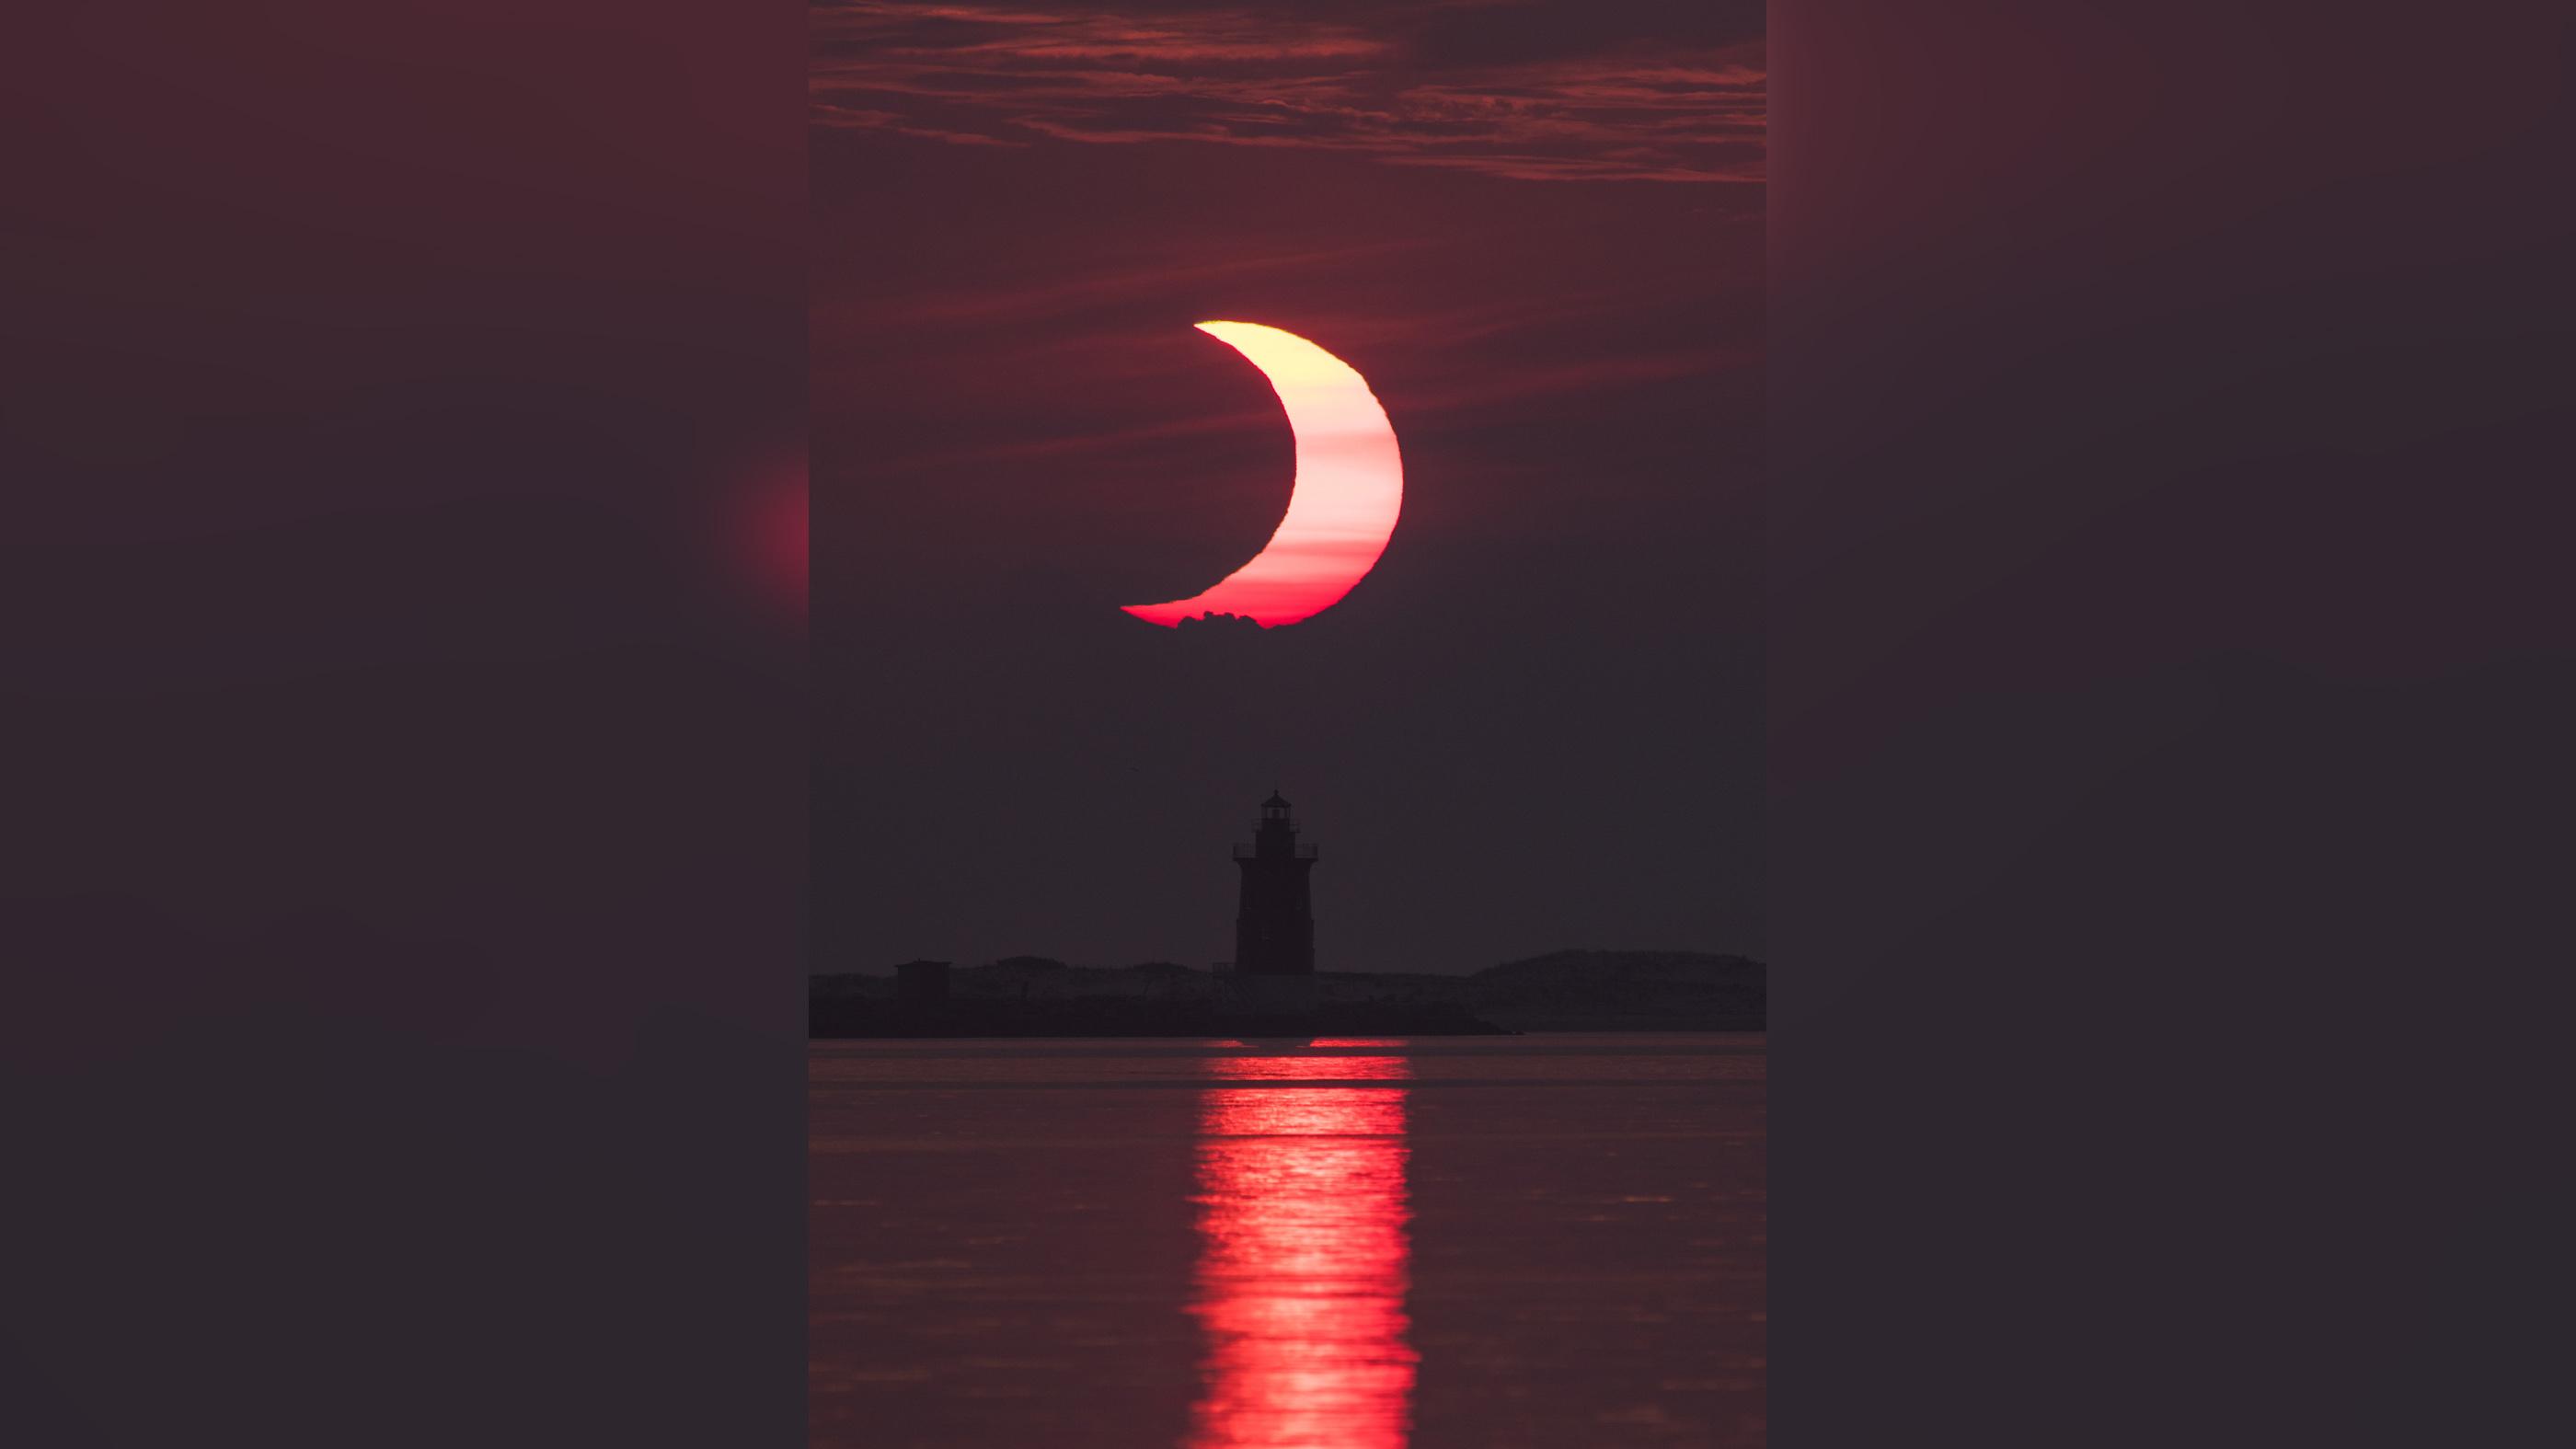 Une éclipse solaire partielle est observée alors que le soleil se lève derrière le phare Delaware Breakwater, le jeudi 10 juin 2021, à Lewes Beach dans le Delaware.